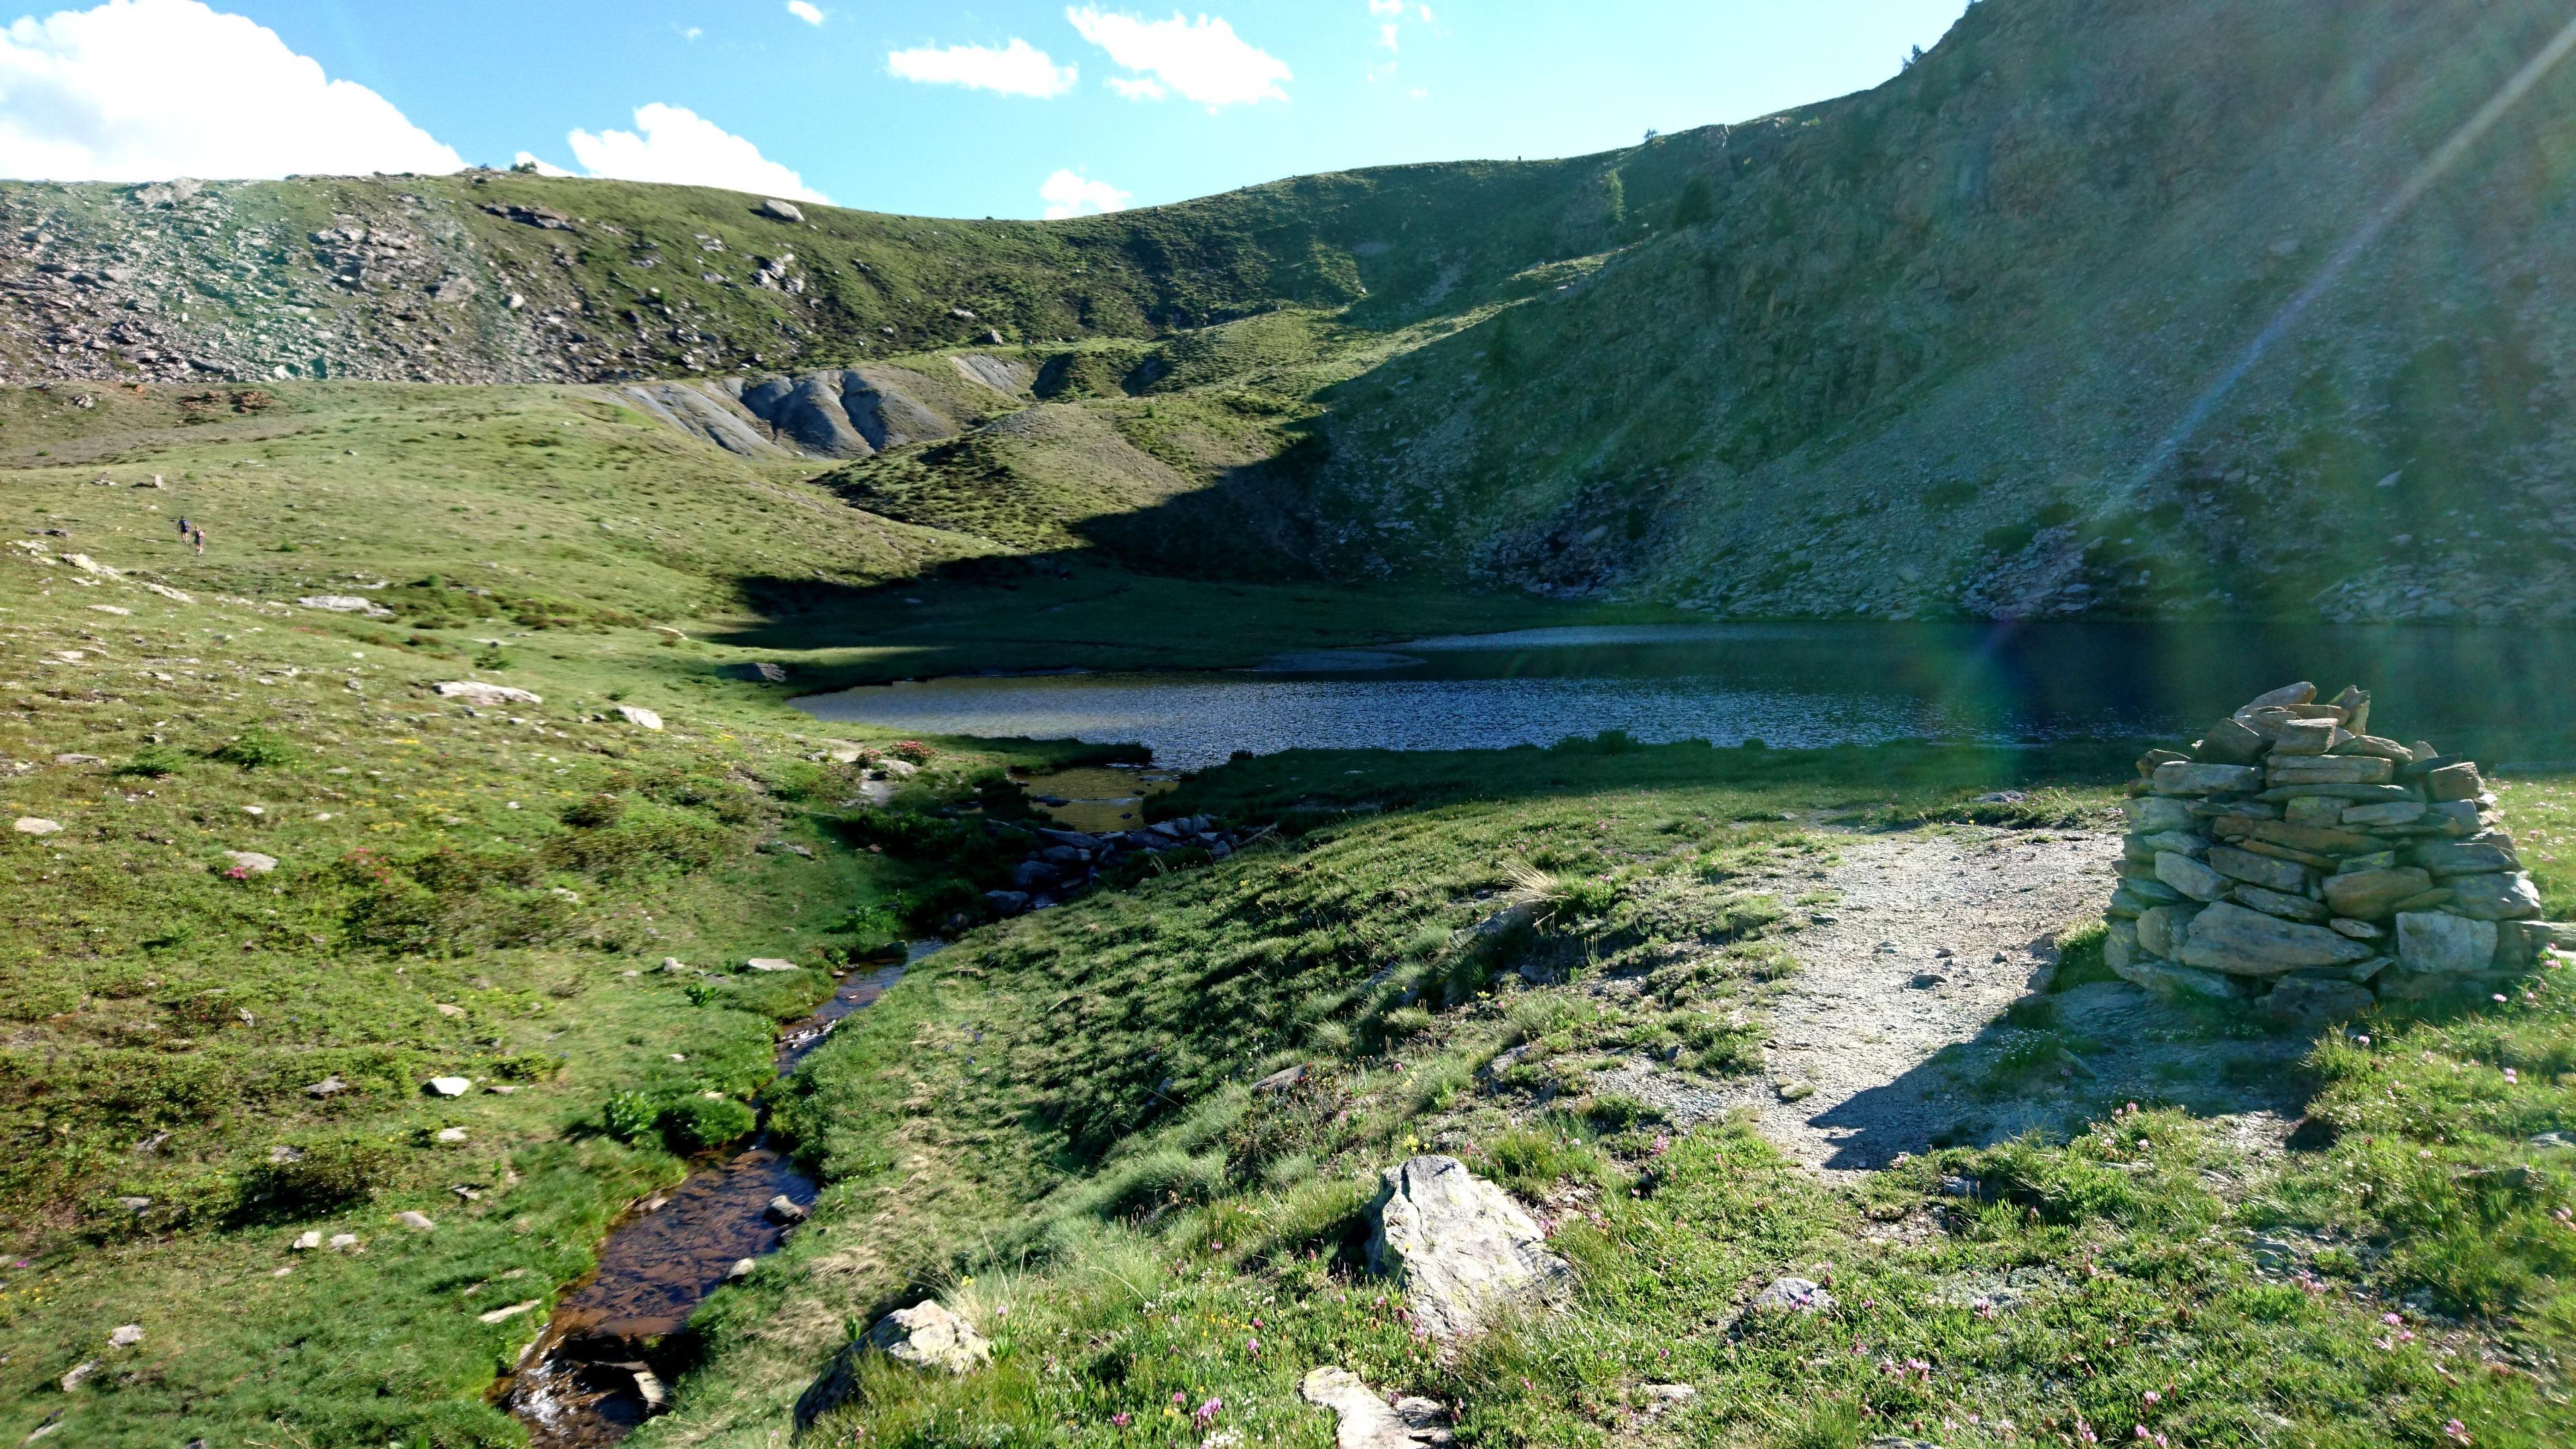 Il lago di Raty appena passato in ombra nel tardo pomeriggio